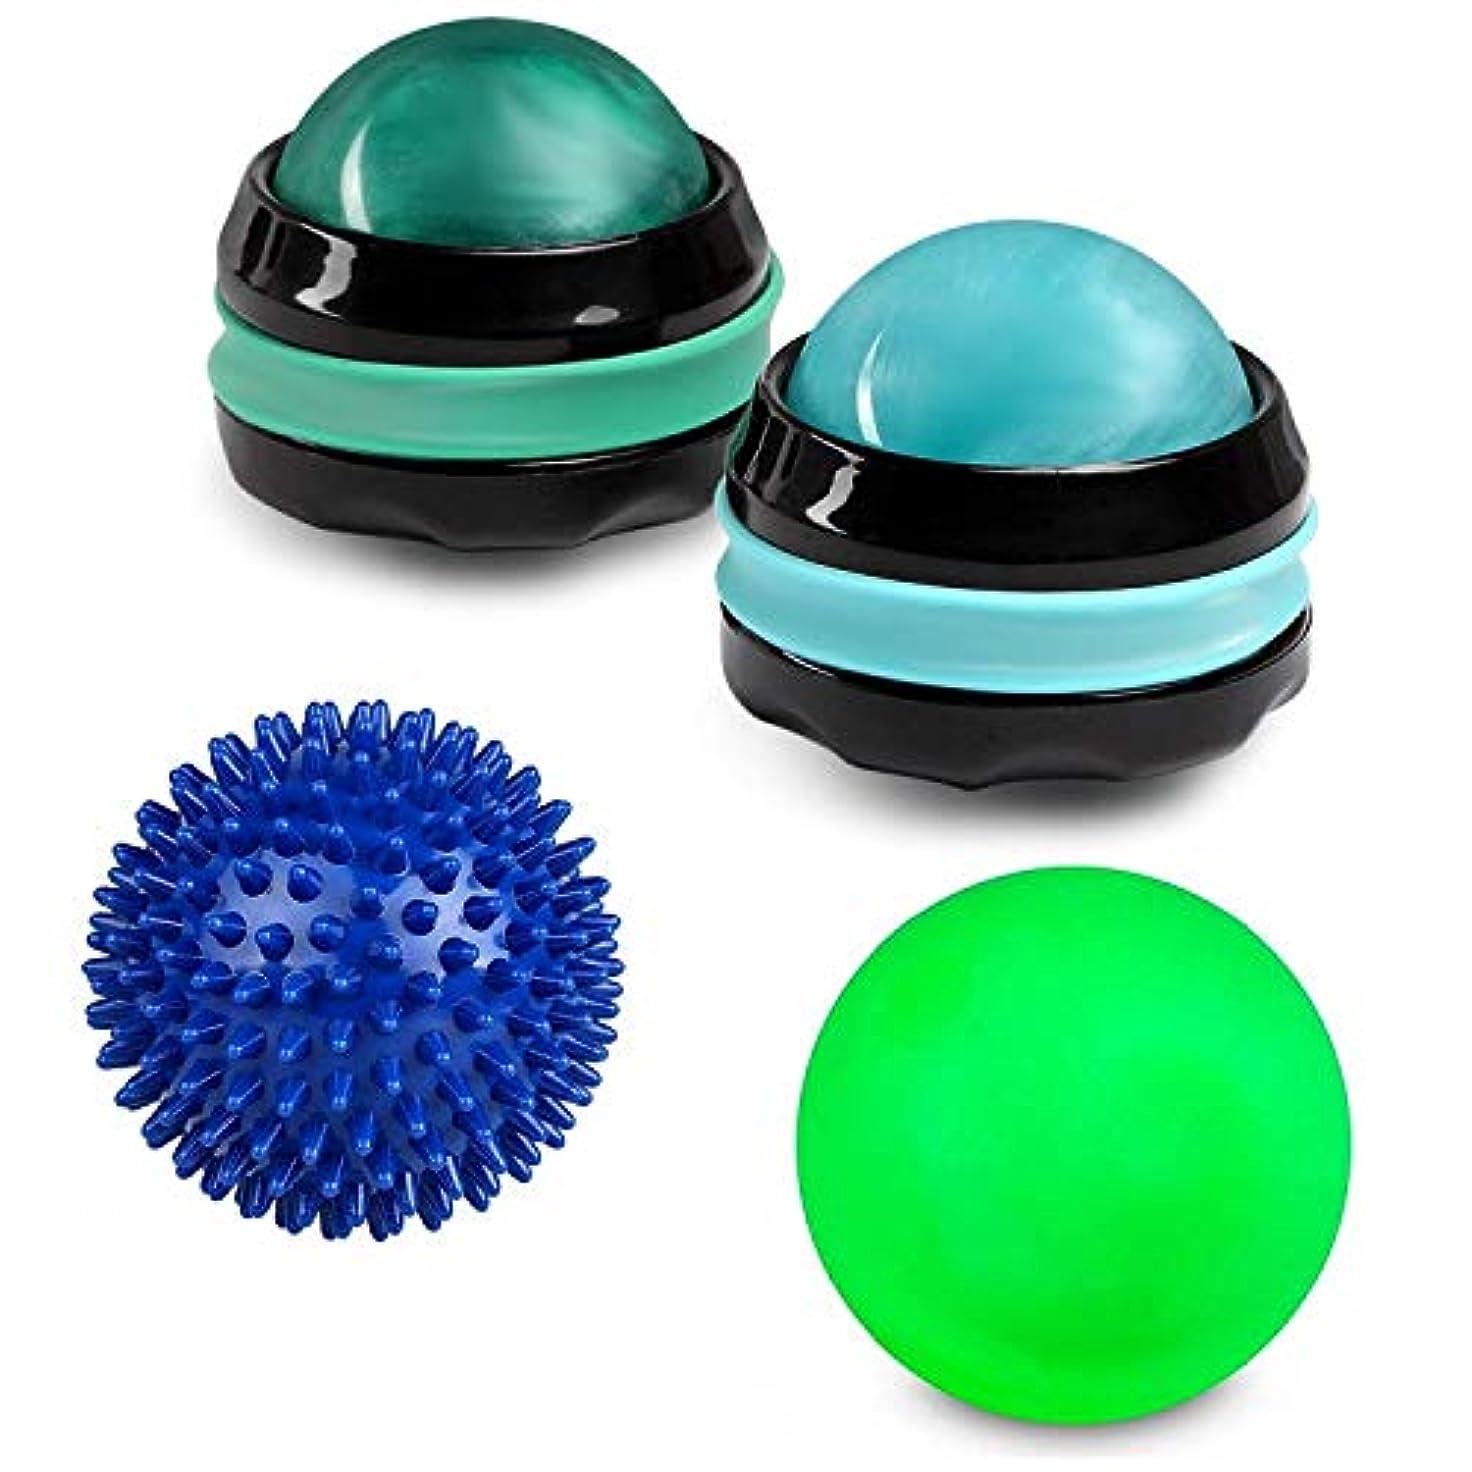 ブロッサム雄弁不十分なMassage Ball Set - Foot Body Back Leg Neck Hand Rejuvenation Therapy Roller Massager Therapy (Bundle: 1 Lacrosse...